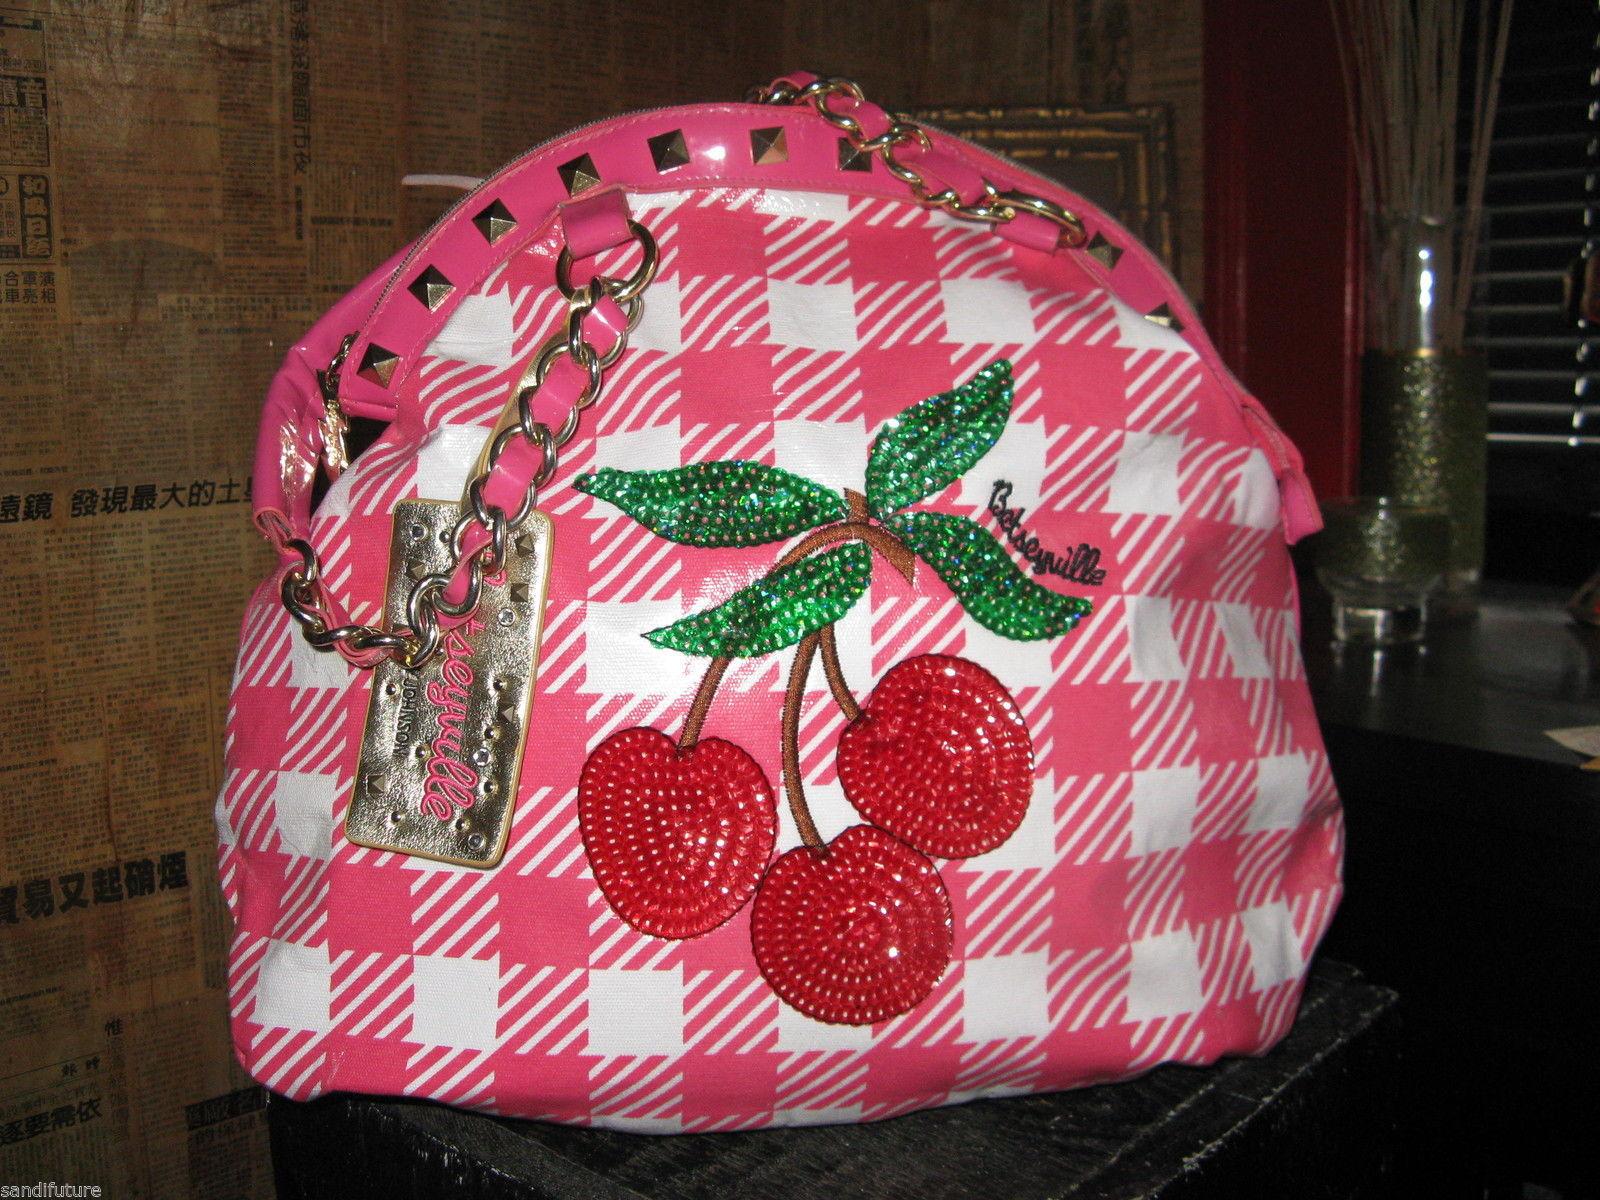 Betsey Johnson Betseyville Cherry Picker rockabilly gingham pin-up handbag VLV